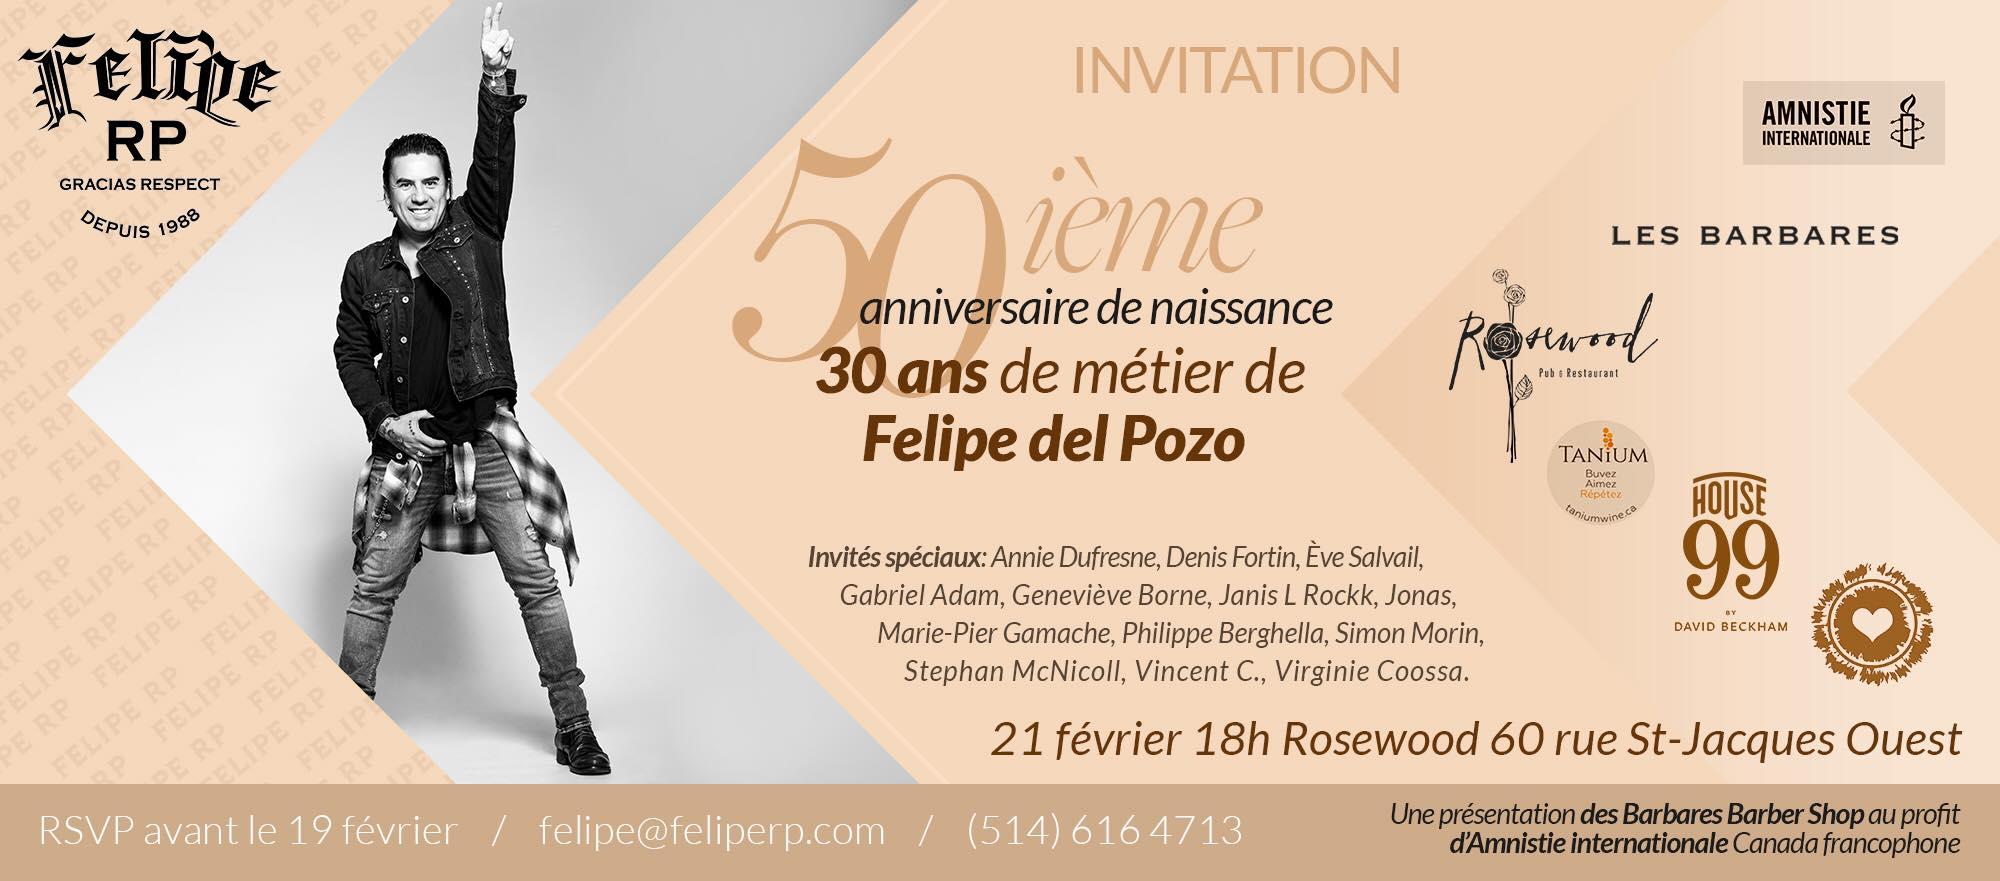 INVITATION 50E ET 30 ANS DE MÉTIER FELIPE DEL POZO